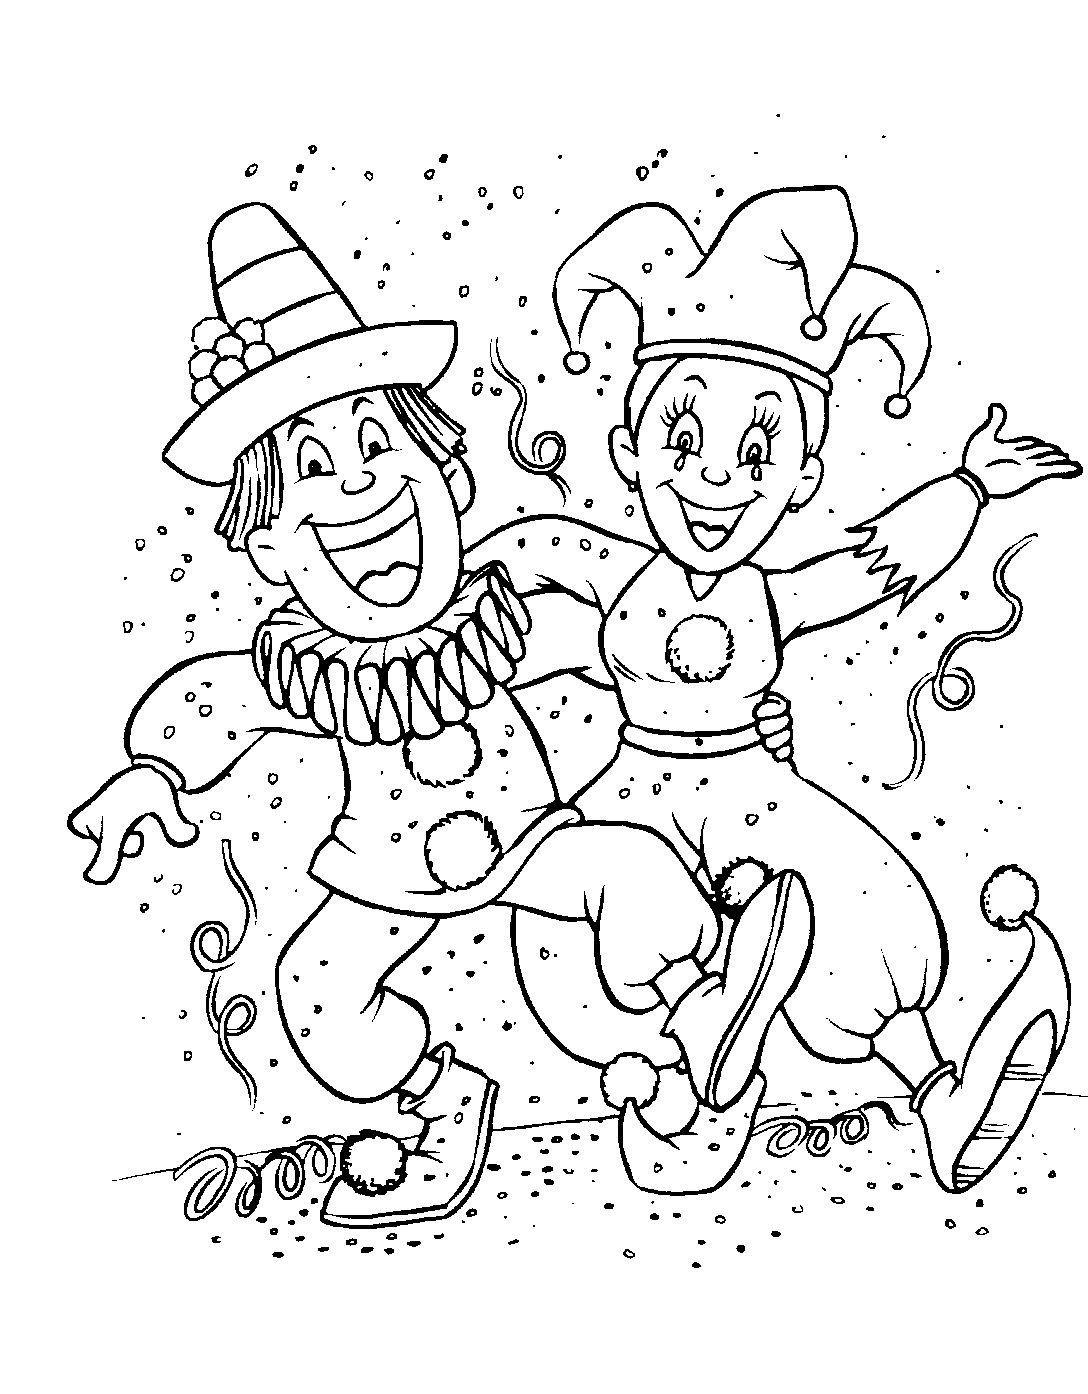 Http Coloring Biboon Com Wp Content Gallery Carnaval Coloriage Carnaval 5 Jpg Ausmalbilder Fasching Ausmalbilder Weihnachtsmalvorlagen